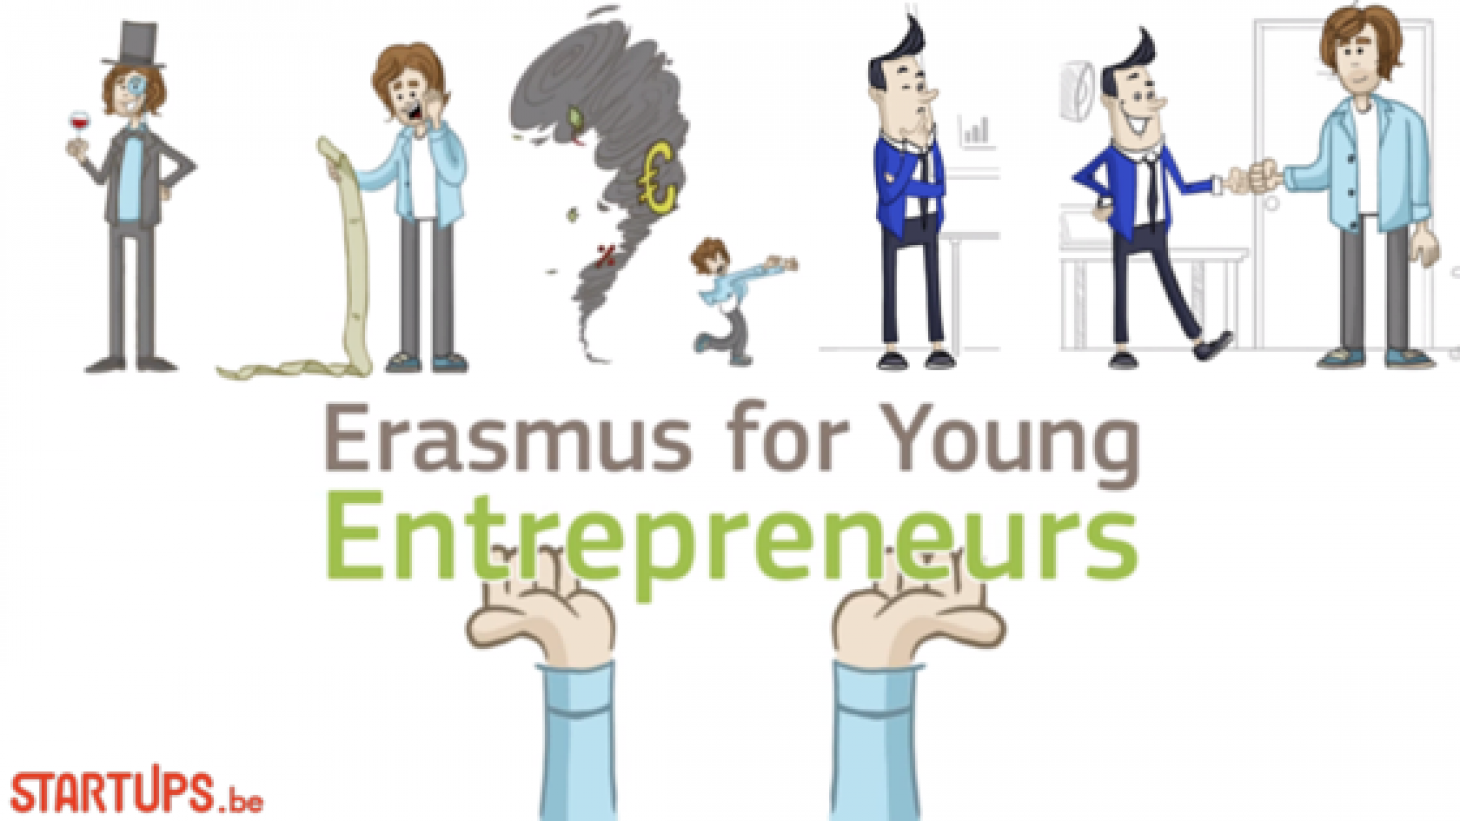 Keyone Consulting - Erasmus startup in Campania: borse di studio per giovani imprenditori1